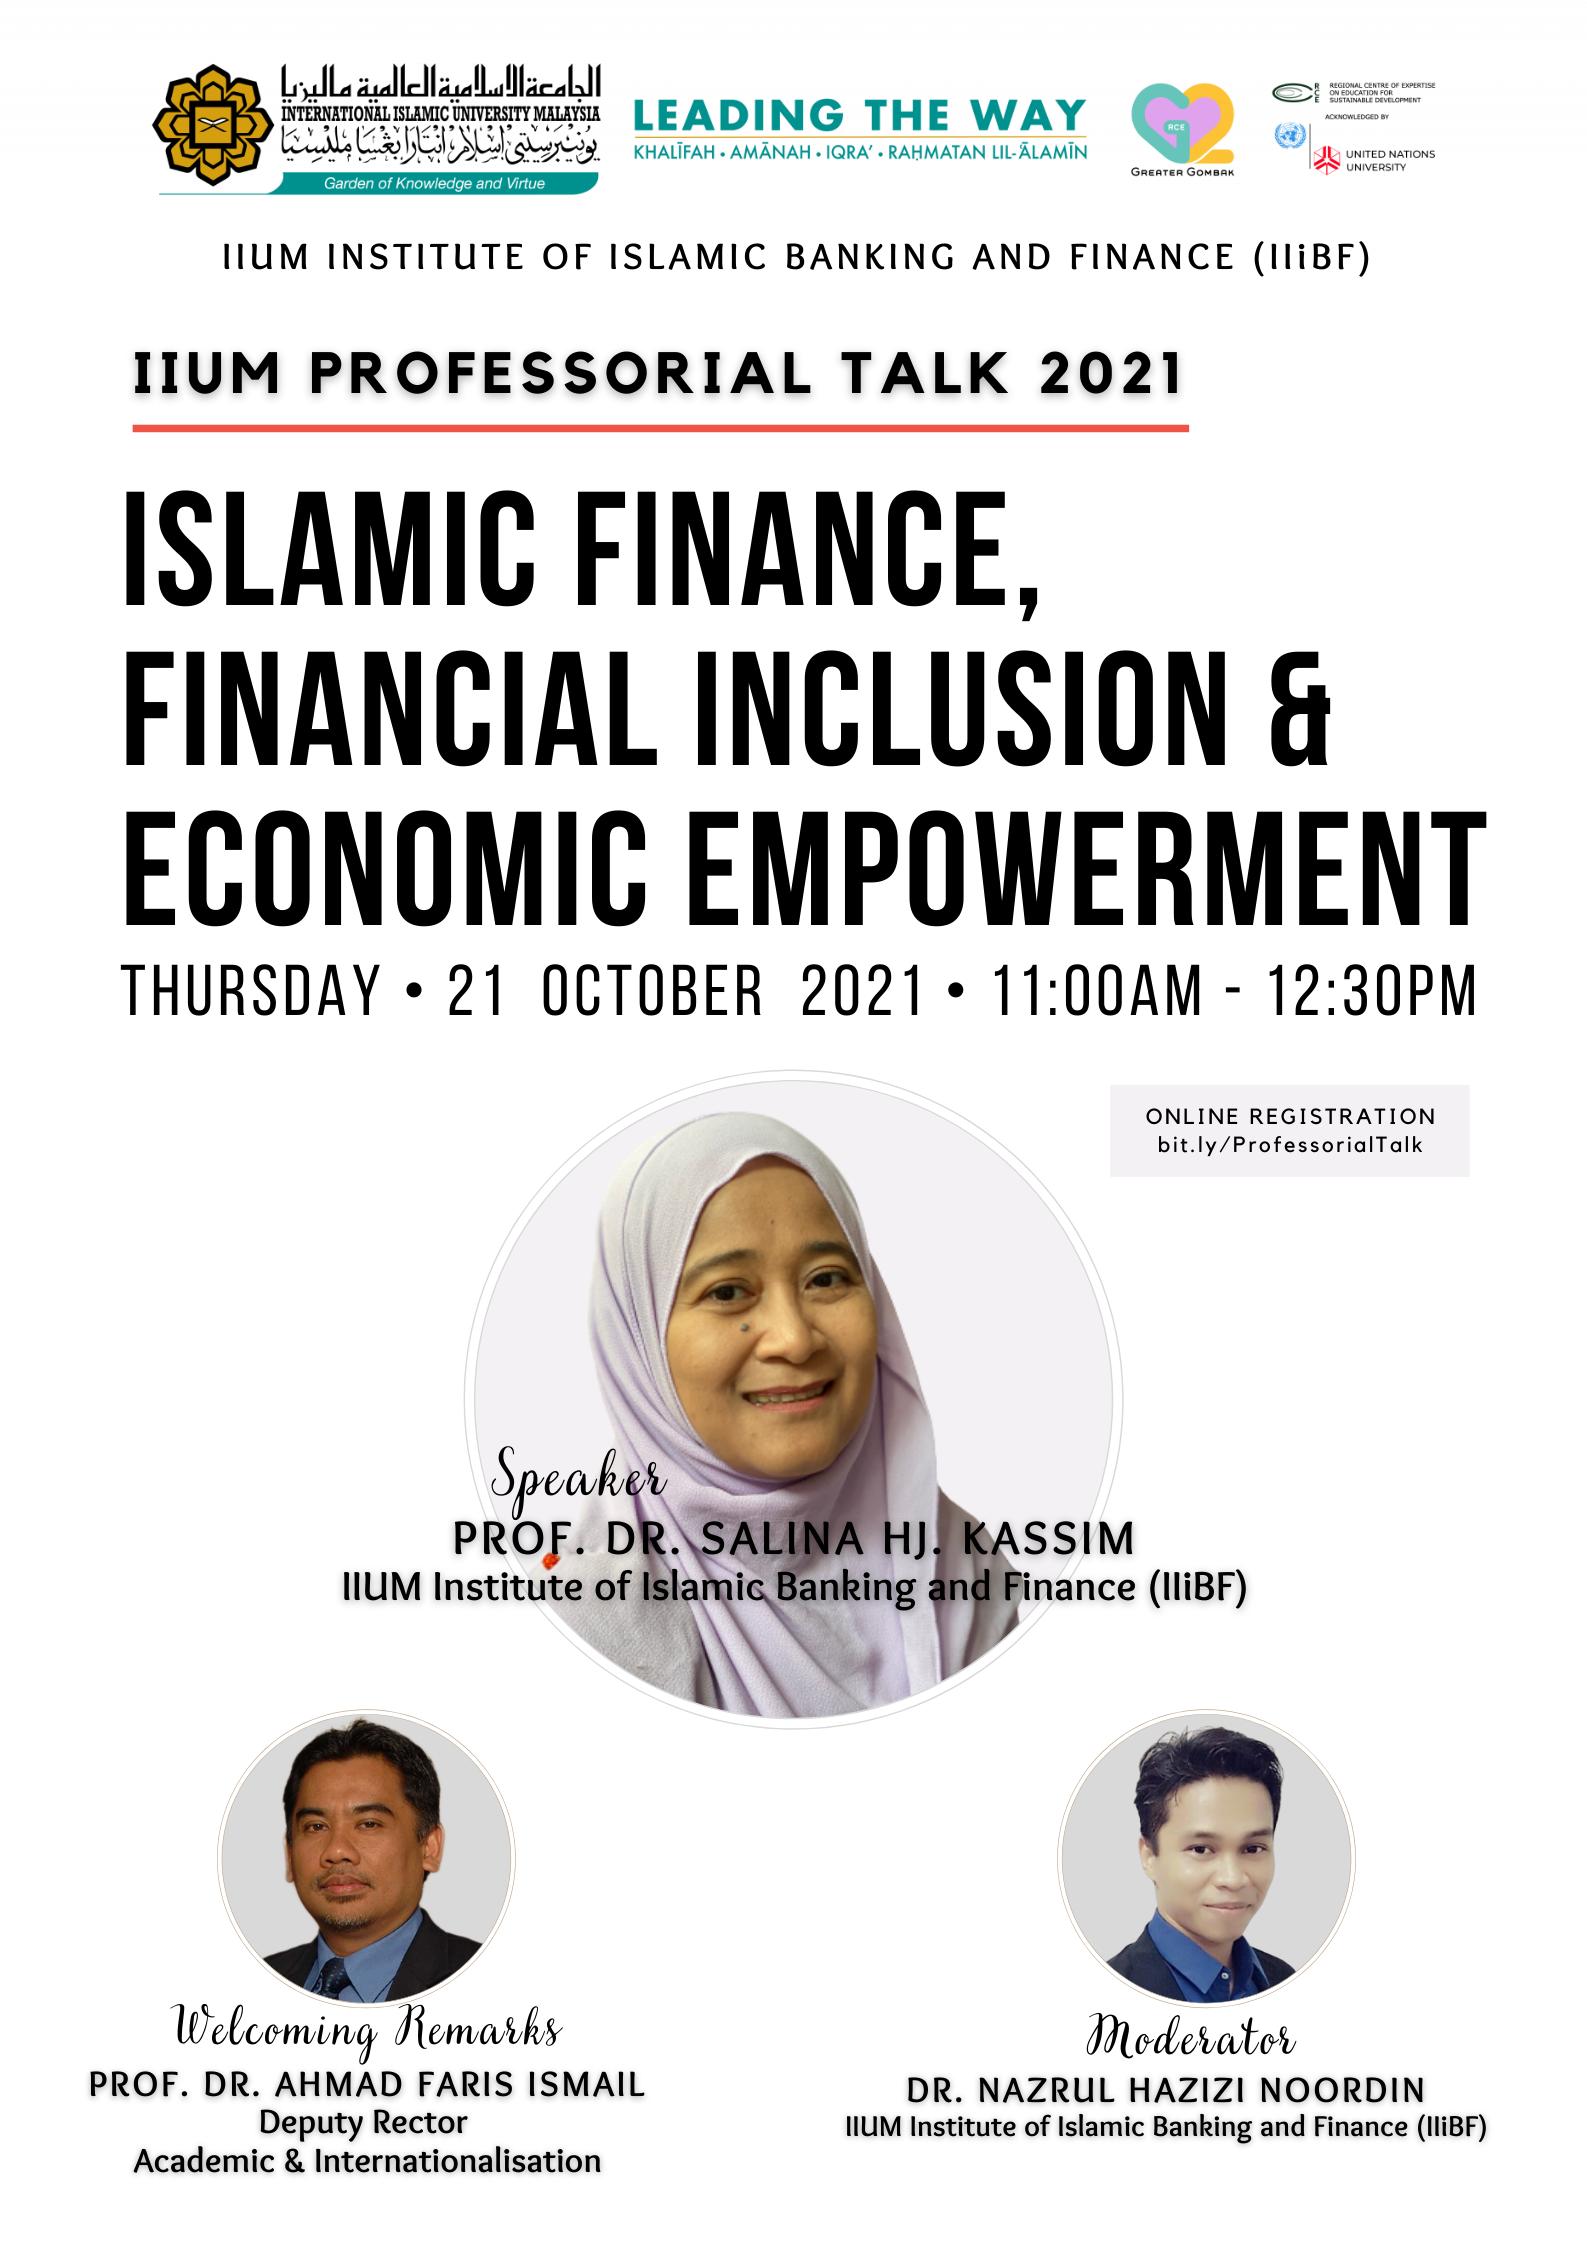 IIUM Professorial Talk 2021